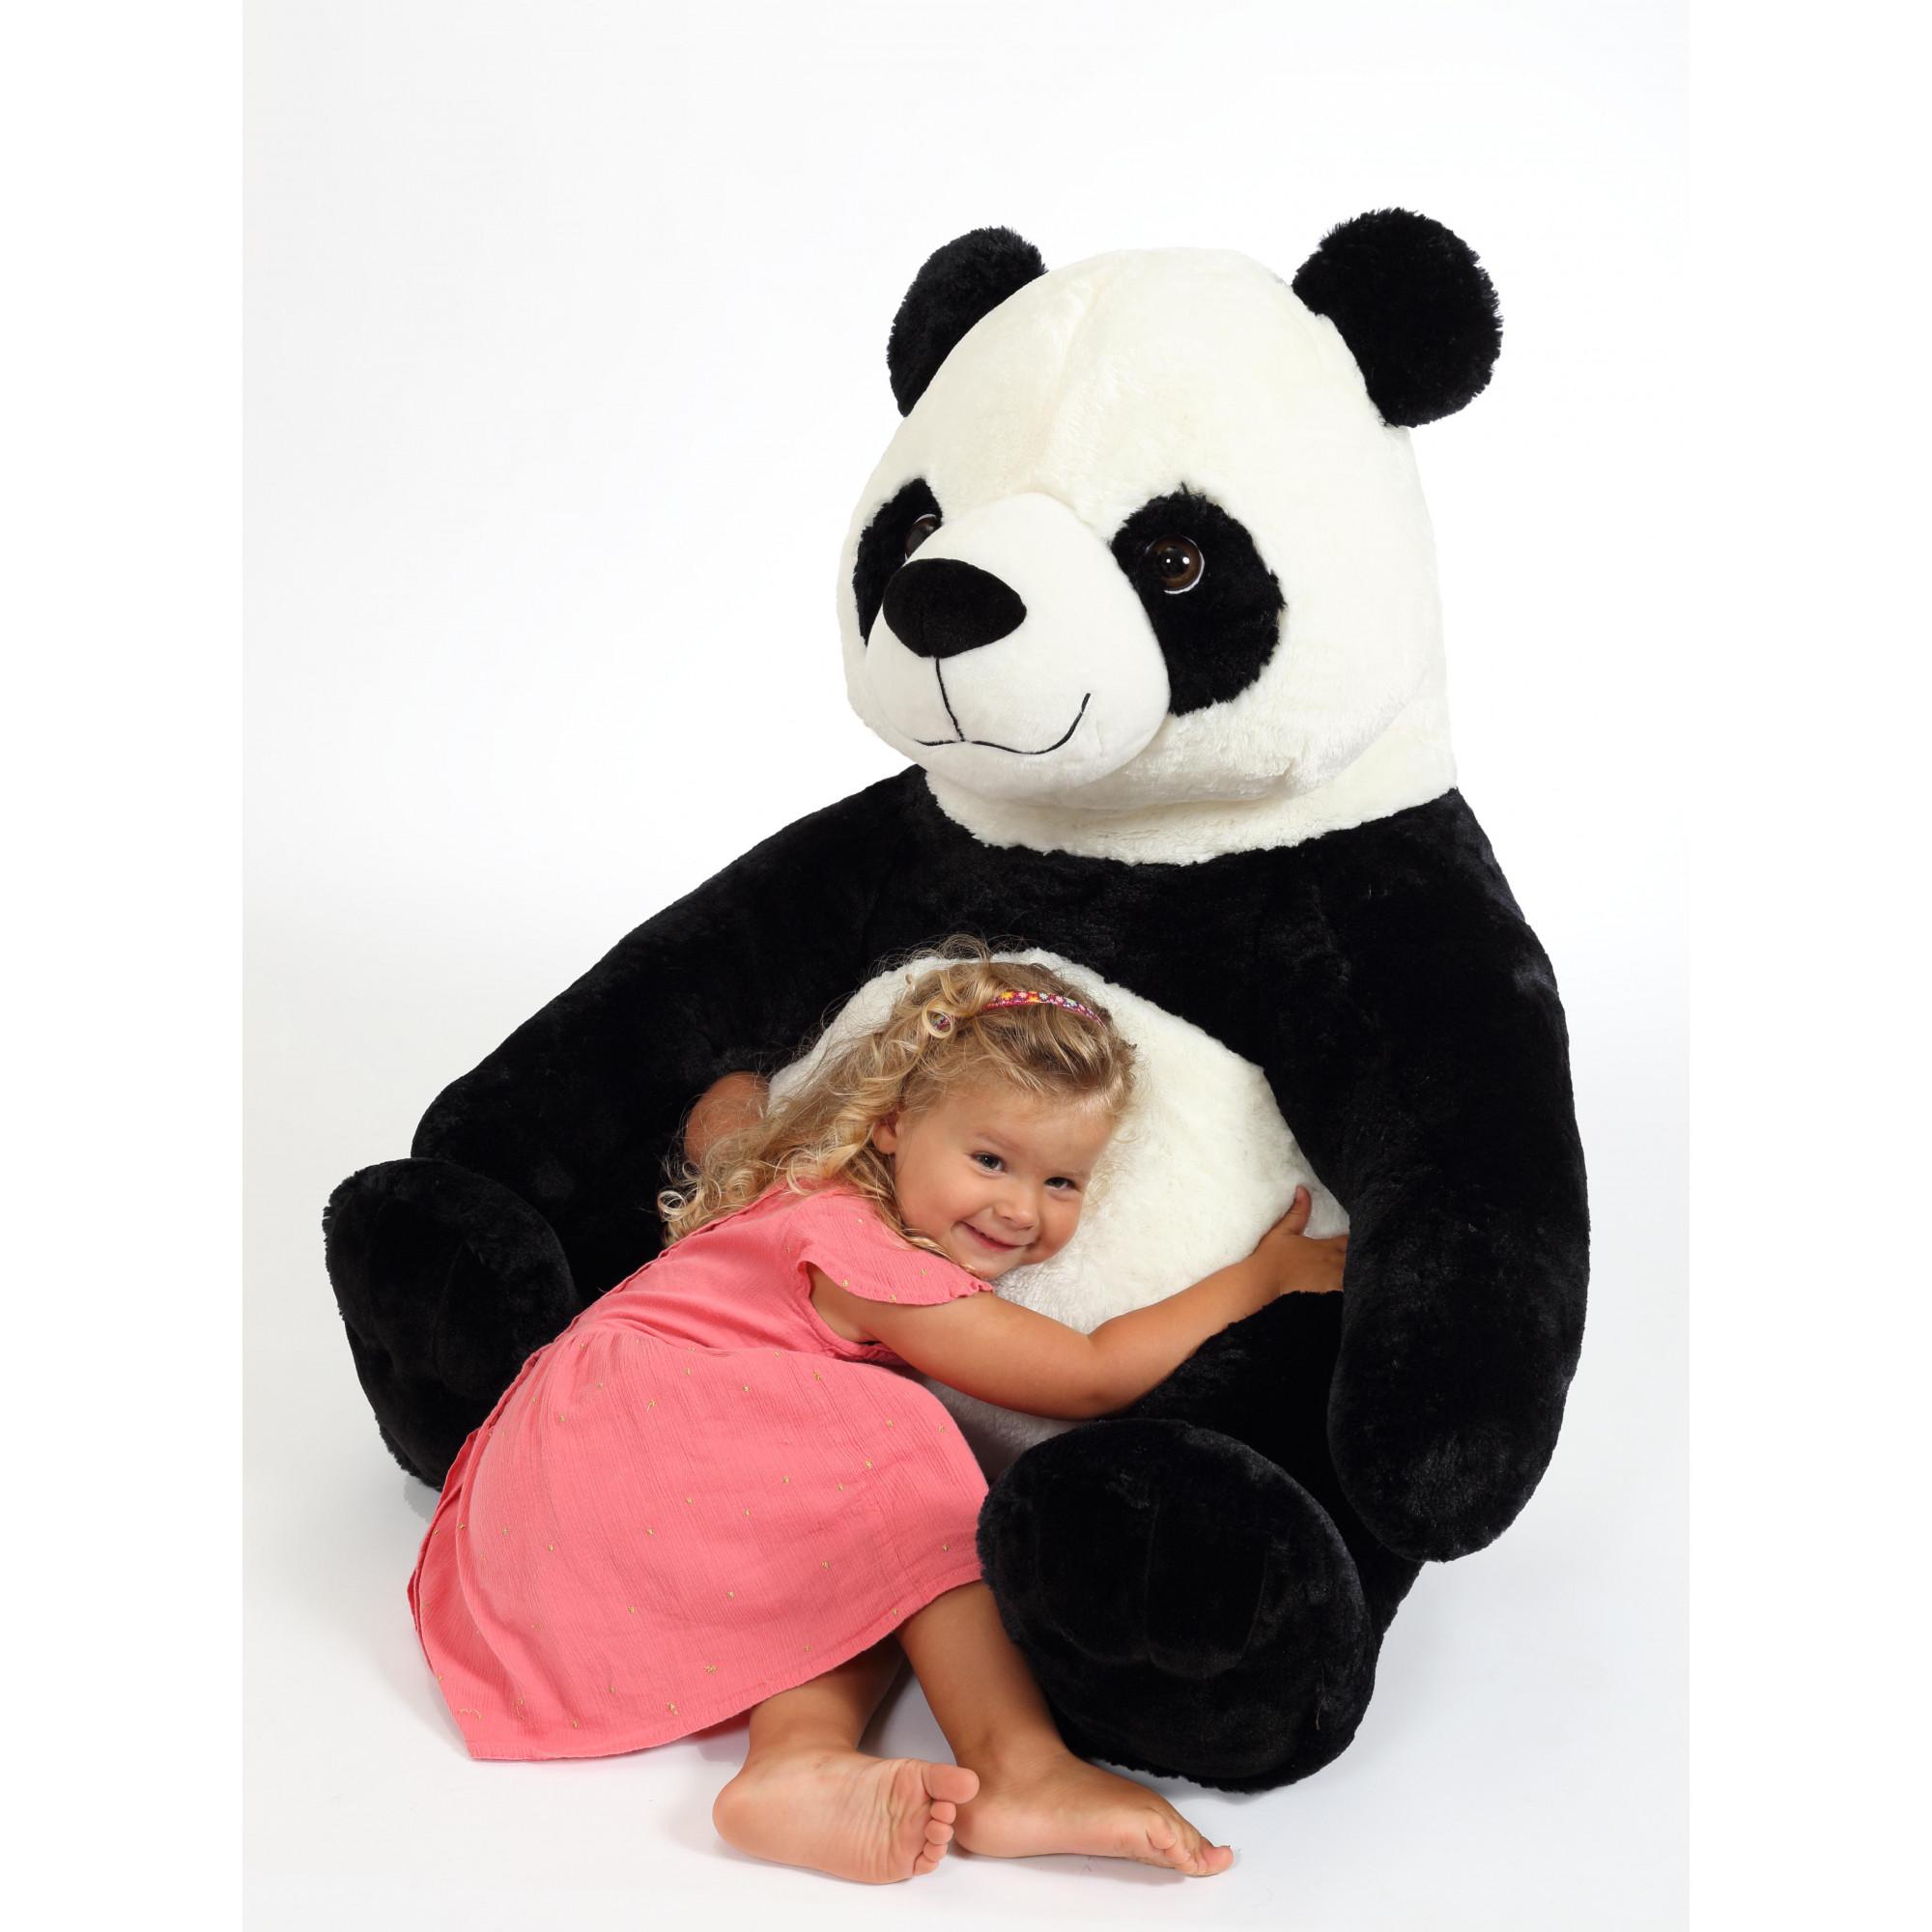 Panda Géant - 1M20